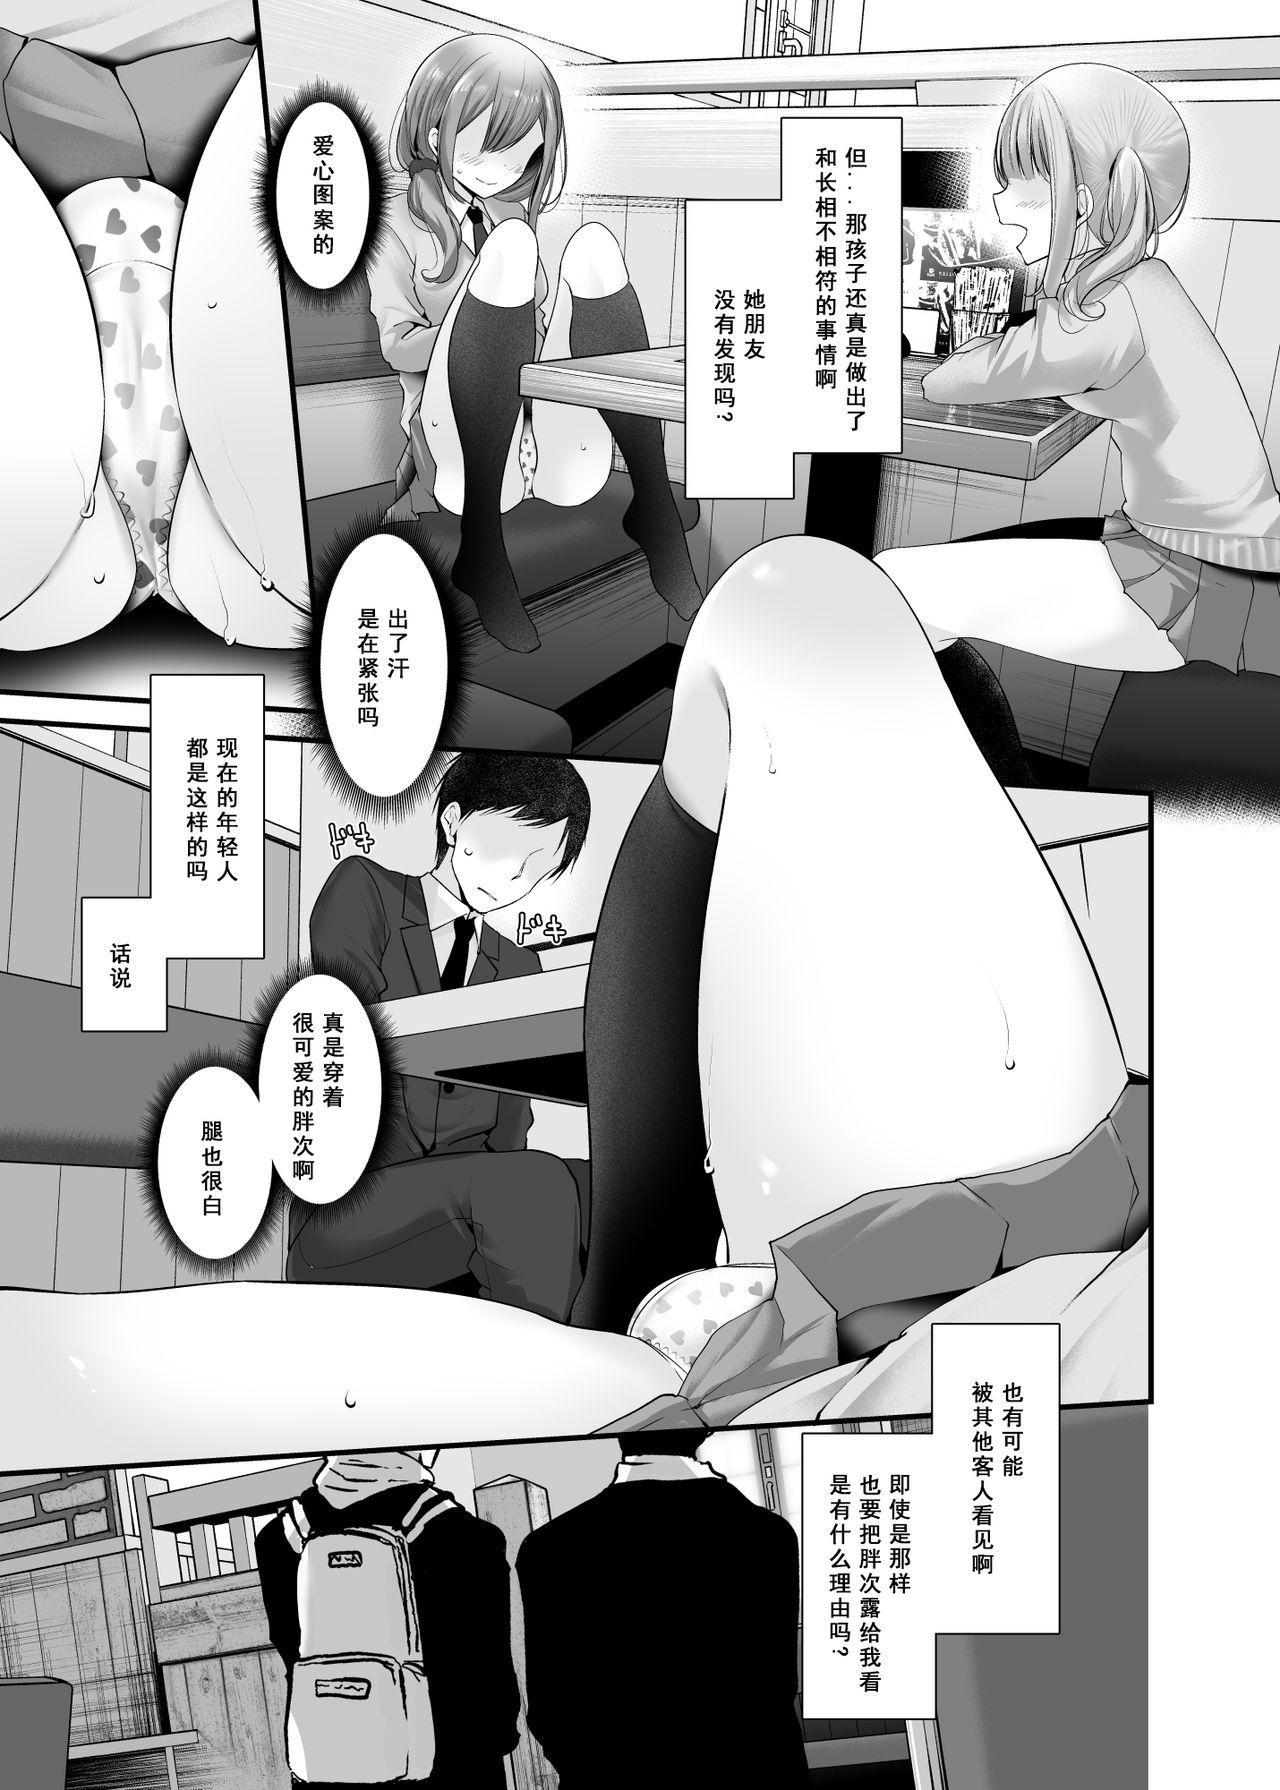 Tsuukin Douchuu de Anoko ga Midara na Koui o Shite Kuru Hanashi 3 26